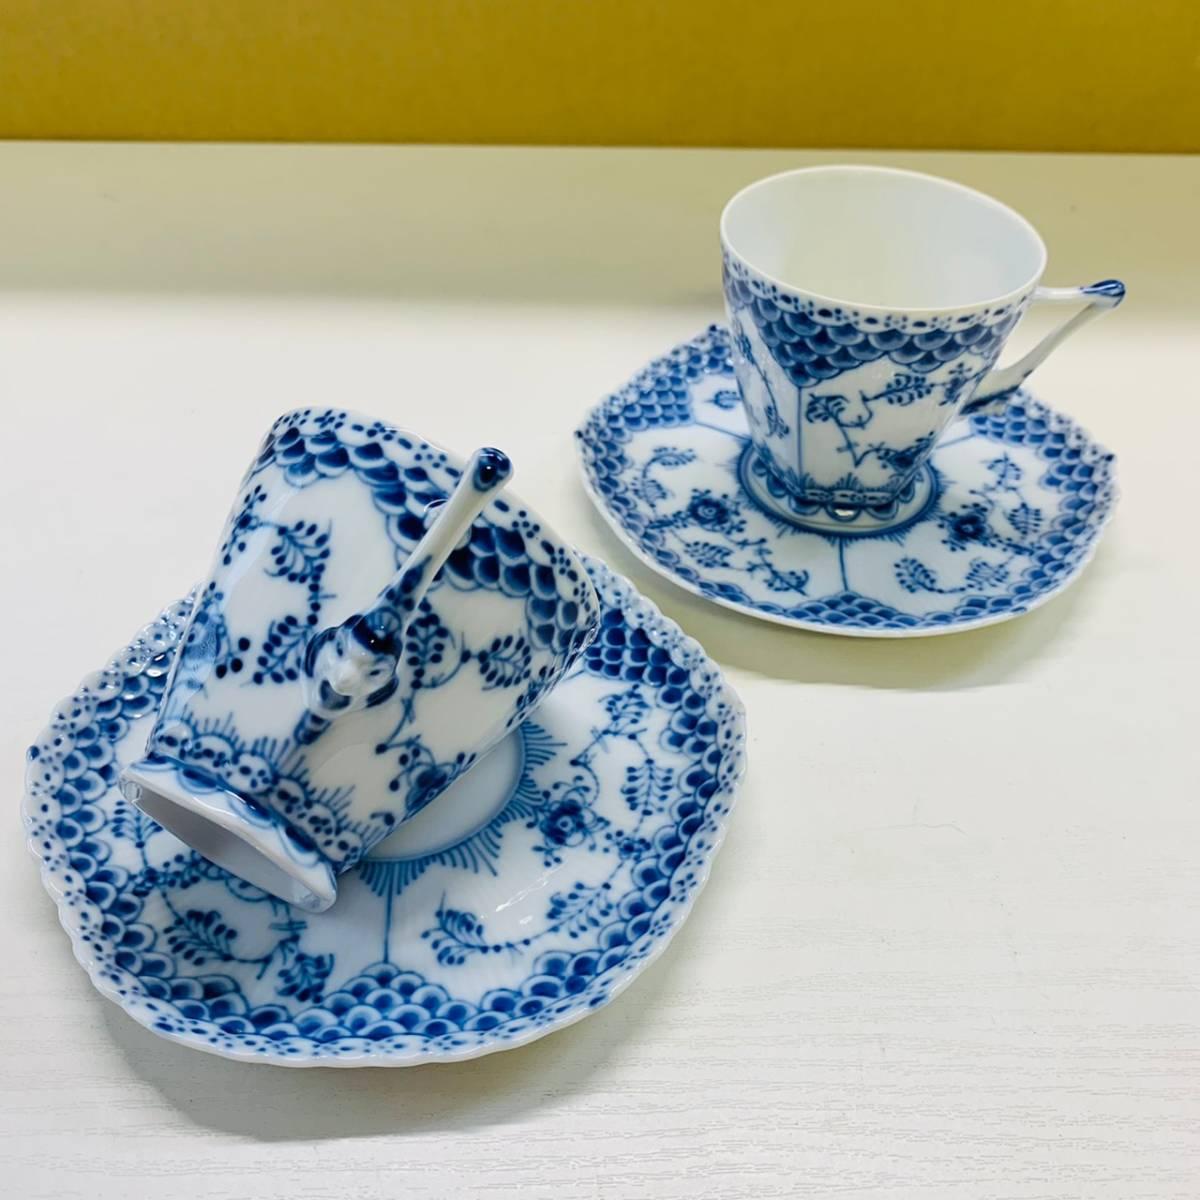 ROYAL COPENHAGEN ロイヤルコペンハーゲン ブルーフルーテッドフルレース ペアコーヒーカップ&ソーサー(顔付き)/ ブランド食器 洋食器